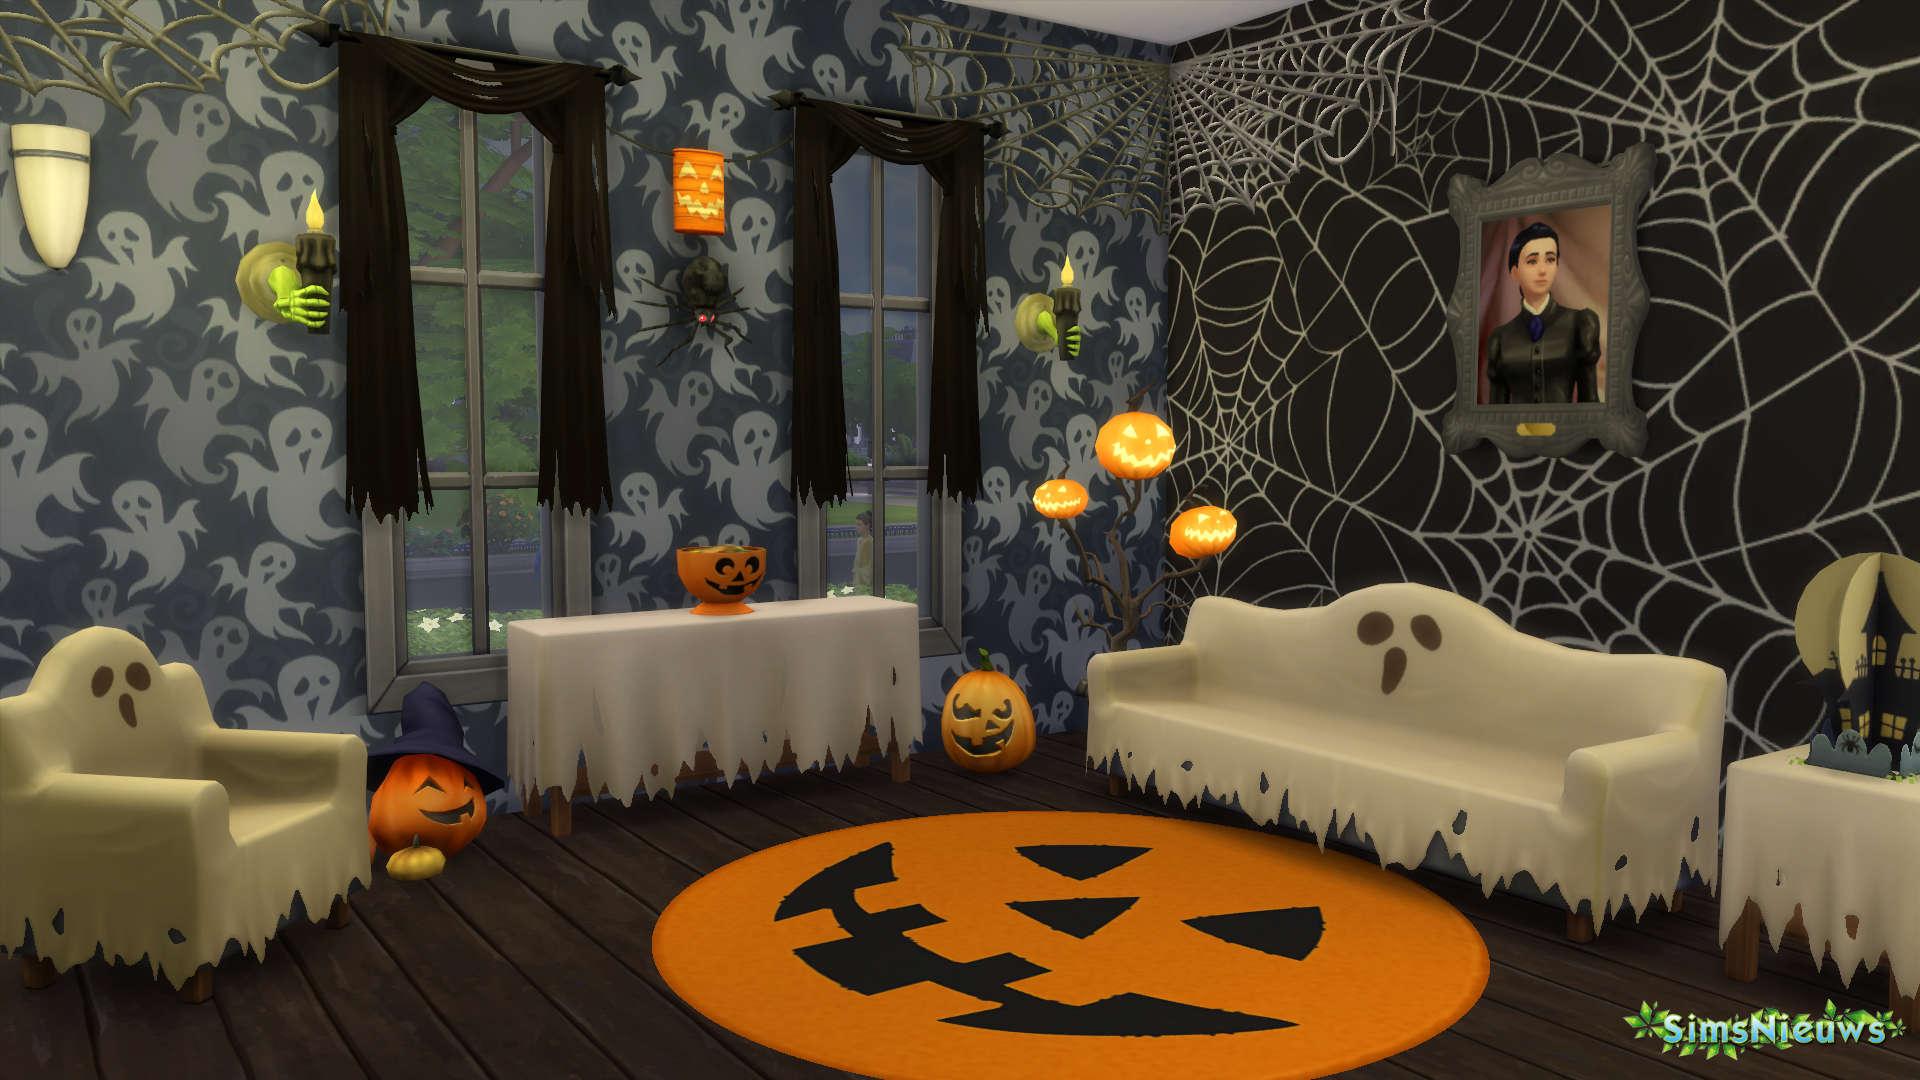 Sn review de sims 4 griezelige accessoires sims nieuws for Halloween versiering maken